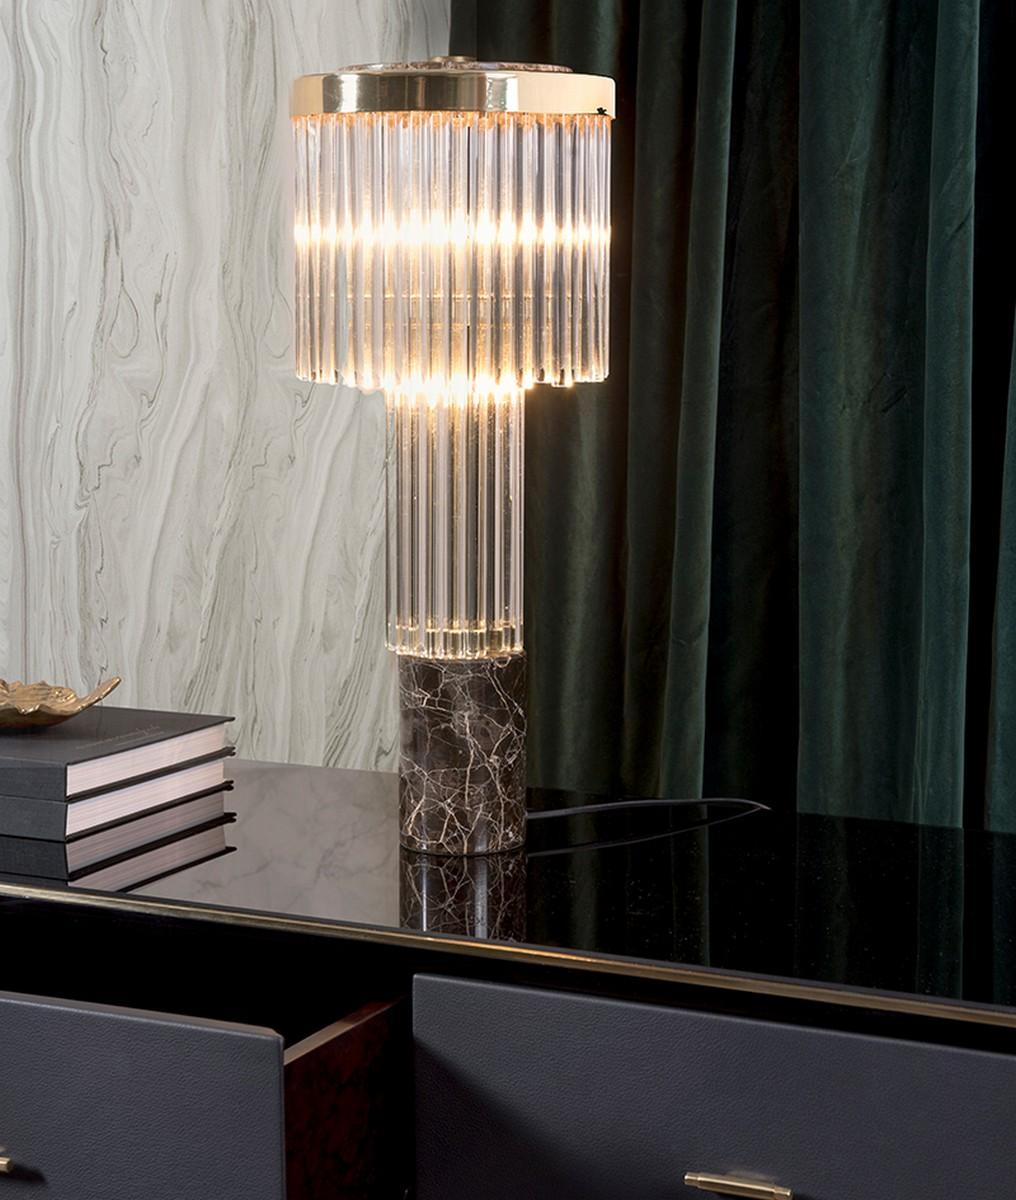 Lámparas de Mesa: Piezas poderosas para un proyecto elegante lámparas de mesa Lámparas de Mesa: Piezas poderosas para un proyecto elegante img 5